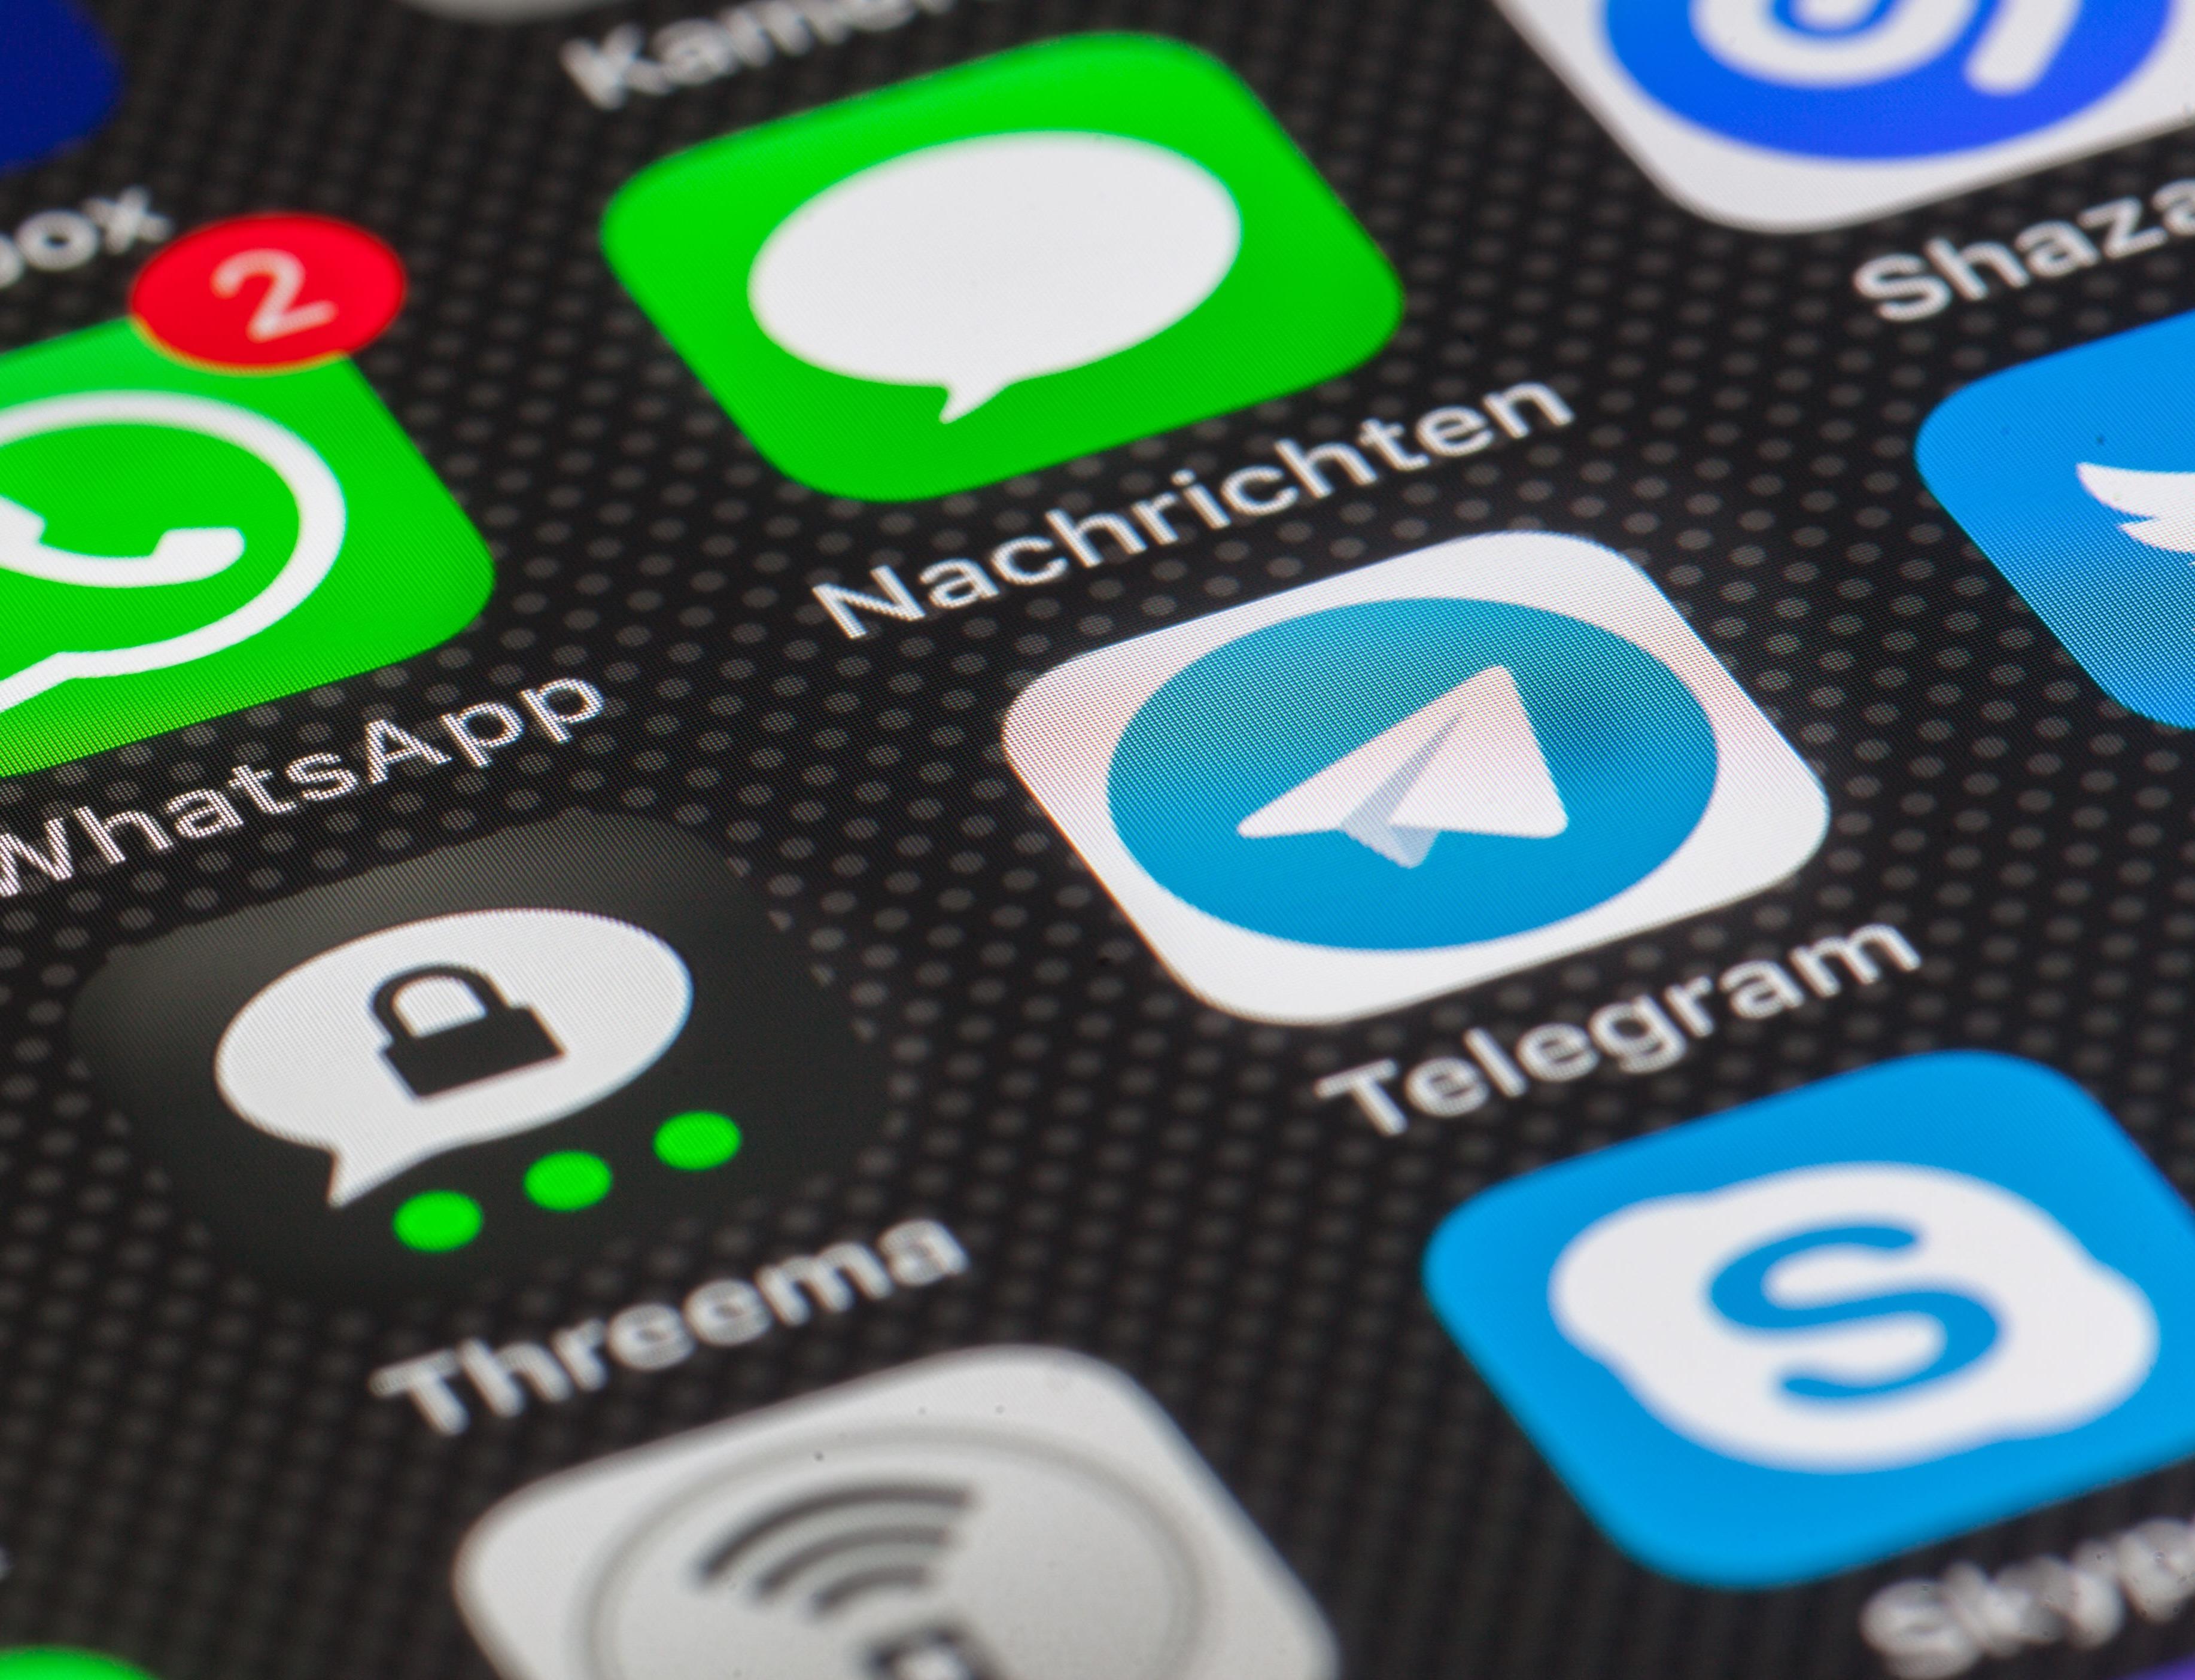 Cara mengirim foto tanpa kompresi di WhatsApp dan Telegram 1